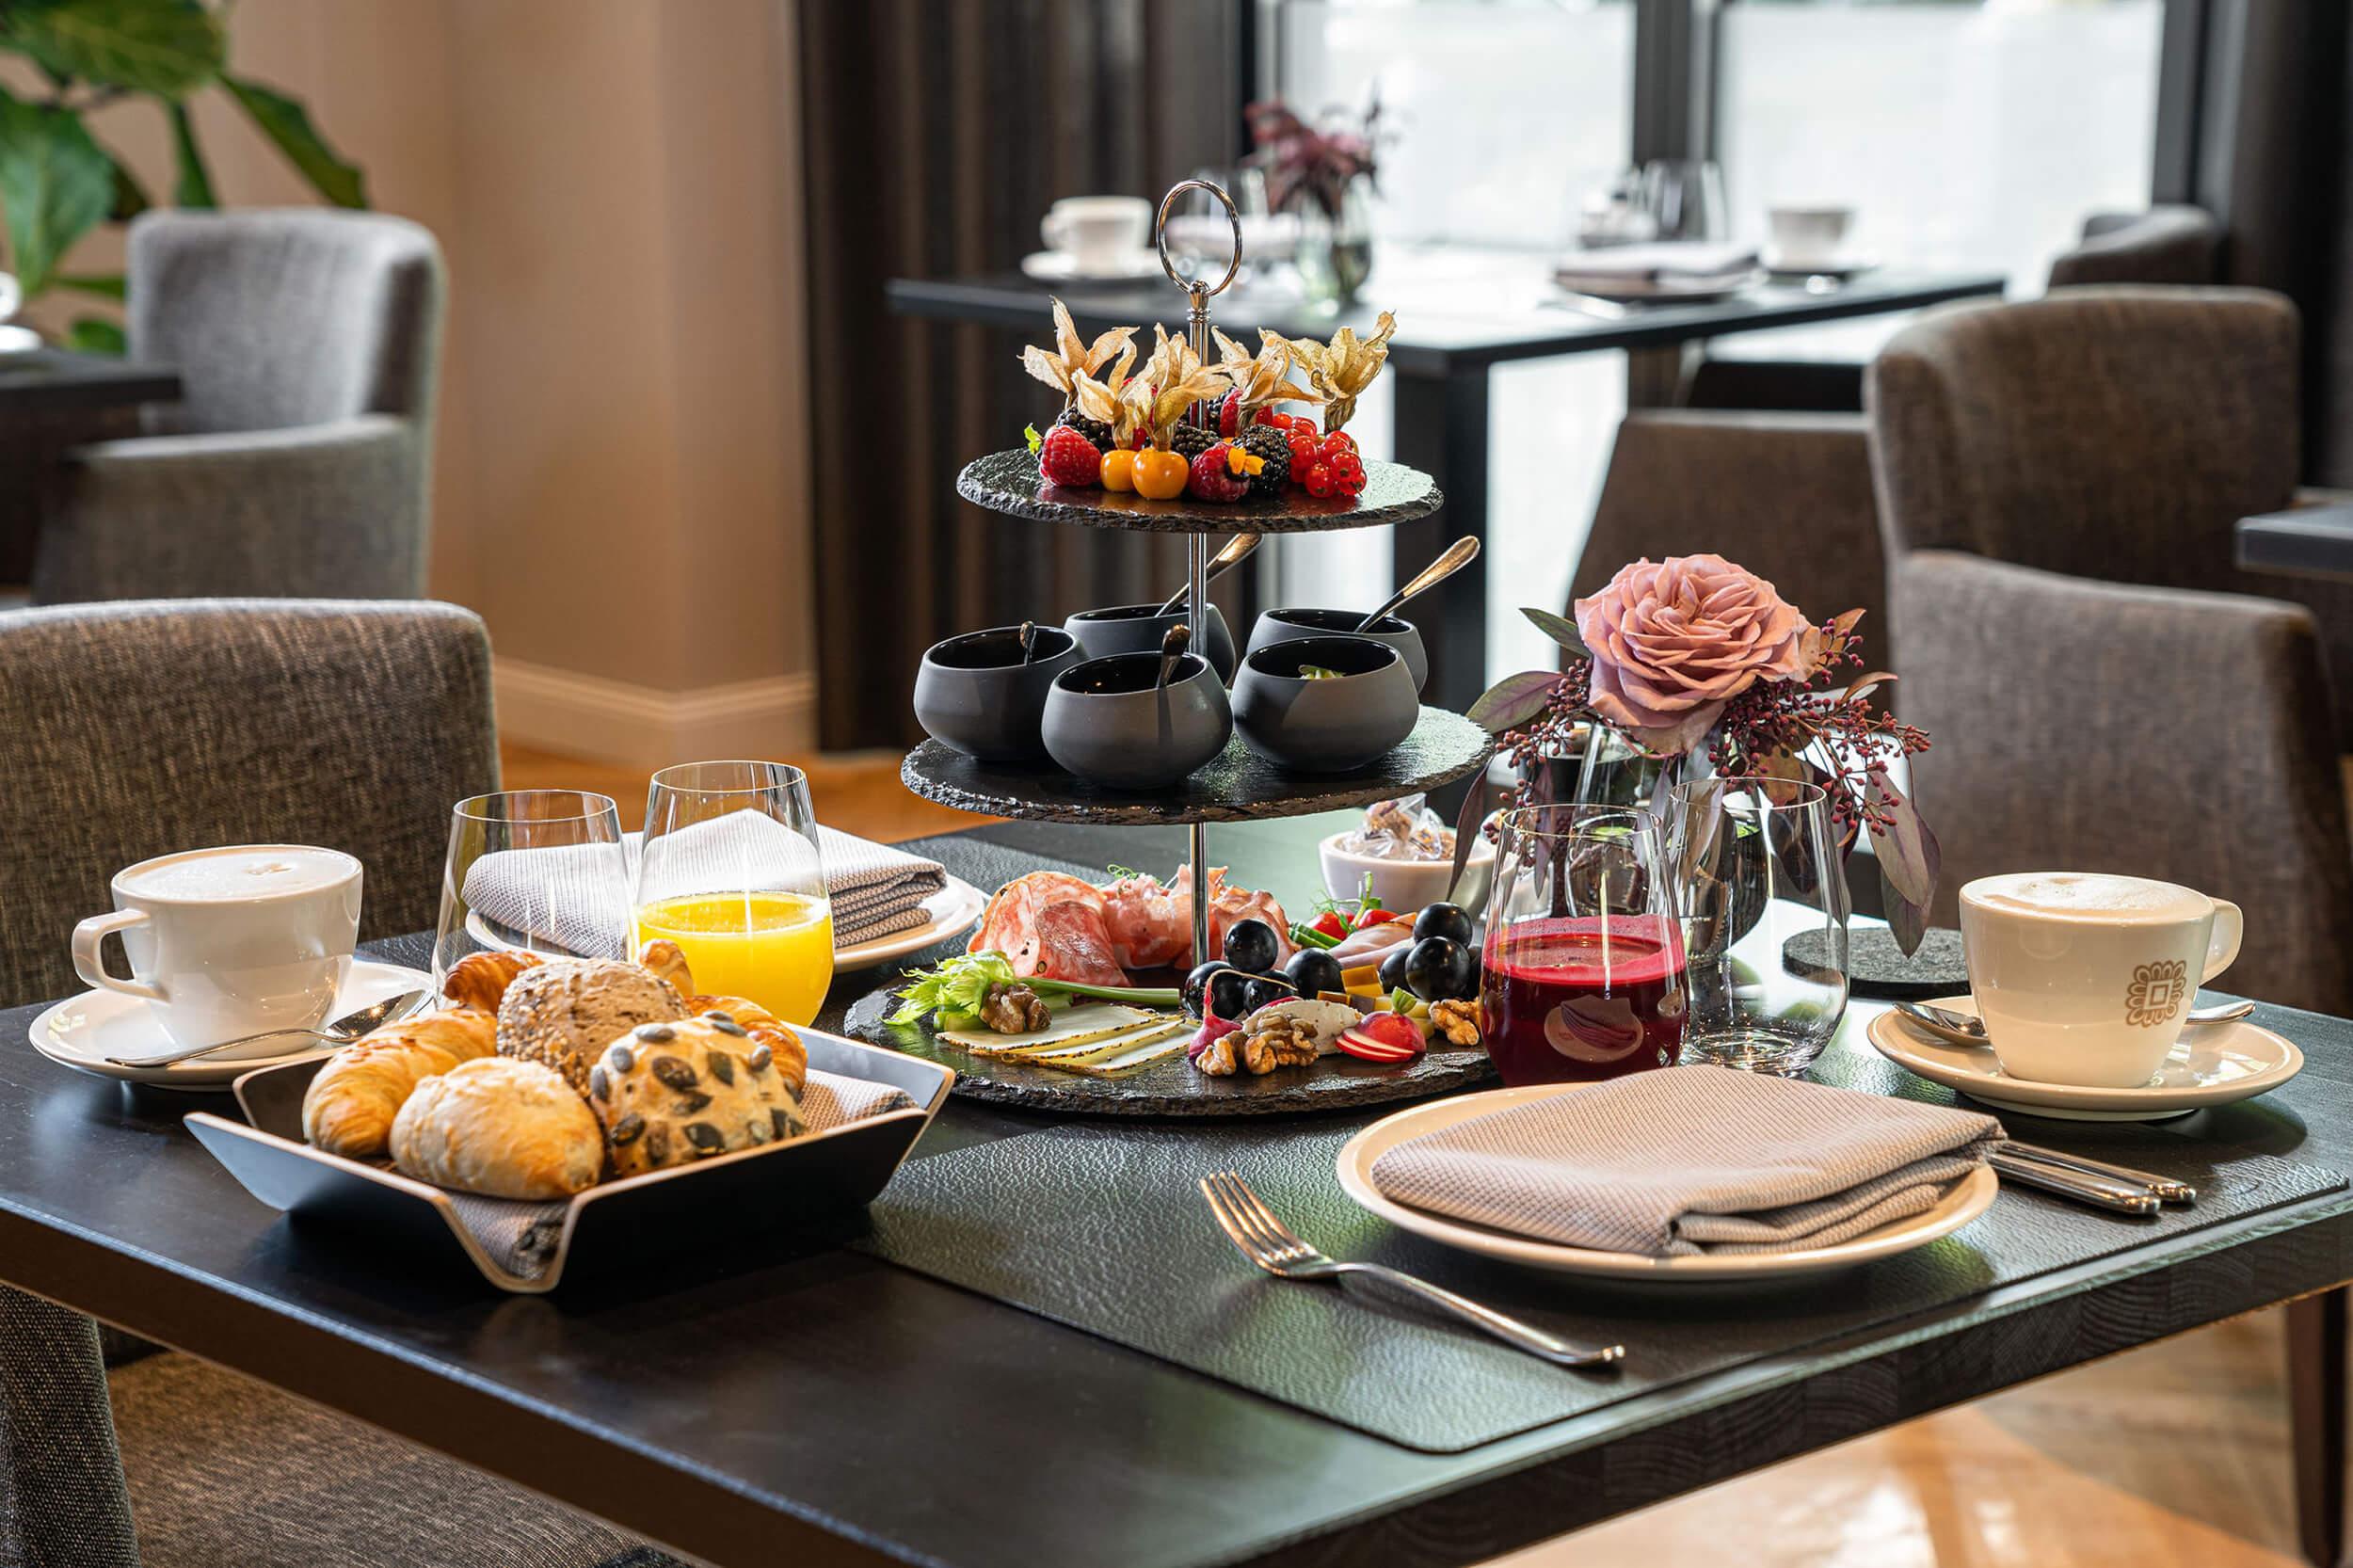 Fruehstueck im Fruehstueckssalon des Hotels. Es zeigt einen gedeckten Tisch mit angerichtetem Fruehstueck. Im Hintergrund sind weitere gedeckte Tische zu sehen. Die Datei ist ein Foto im JPEG-Format.